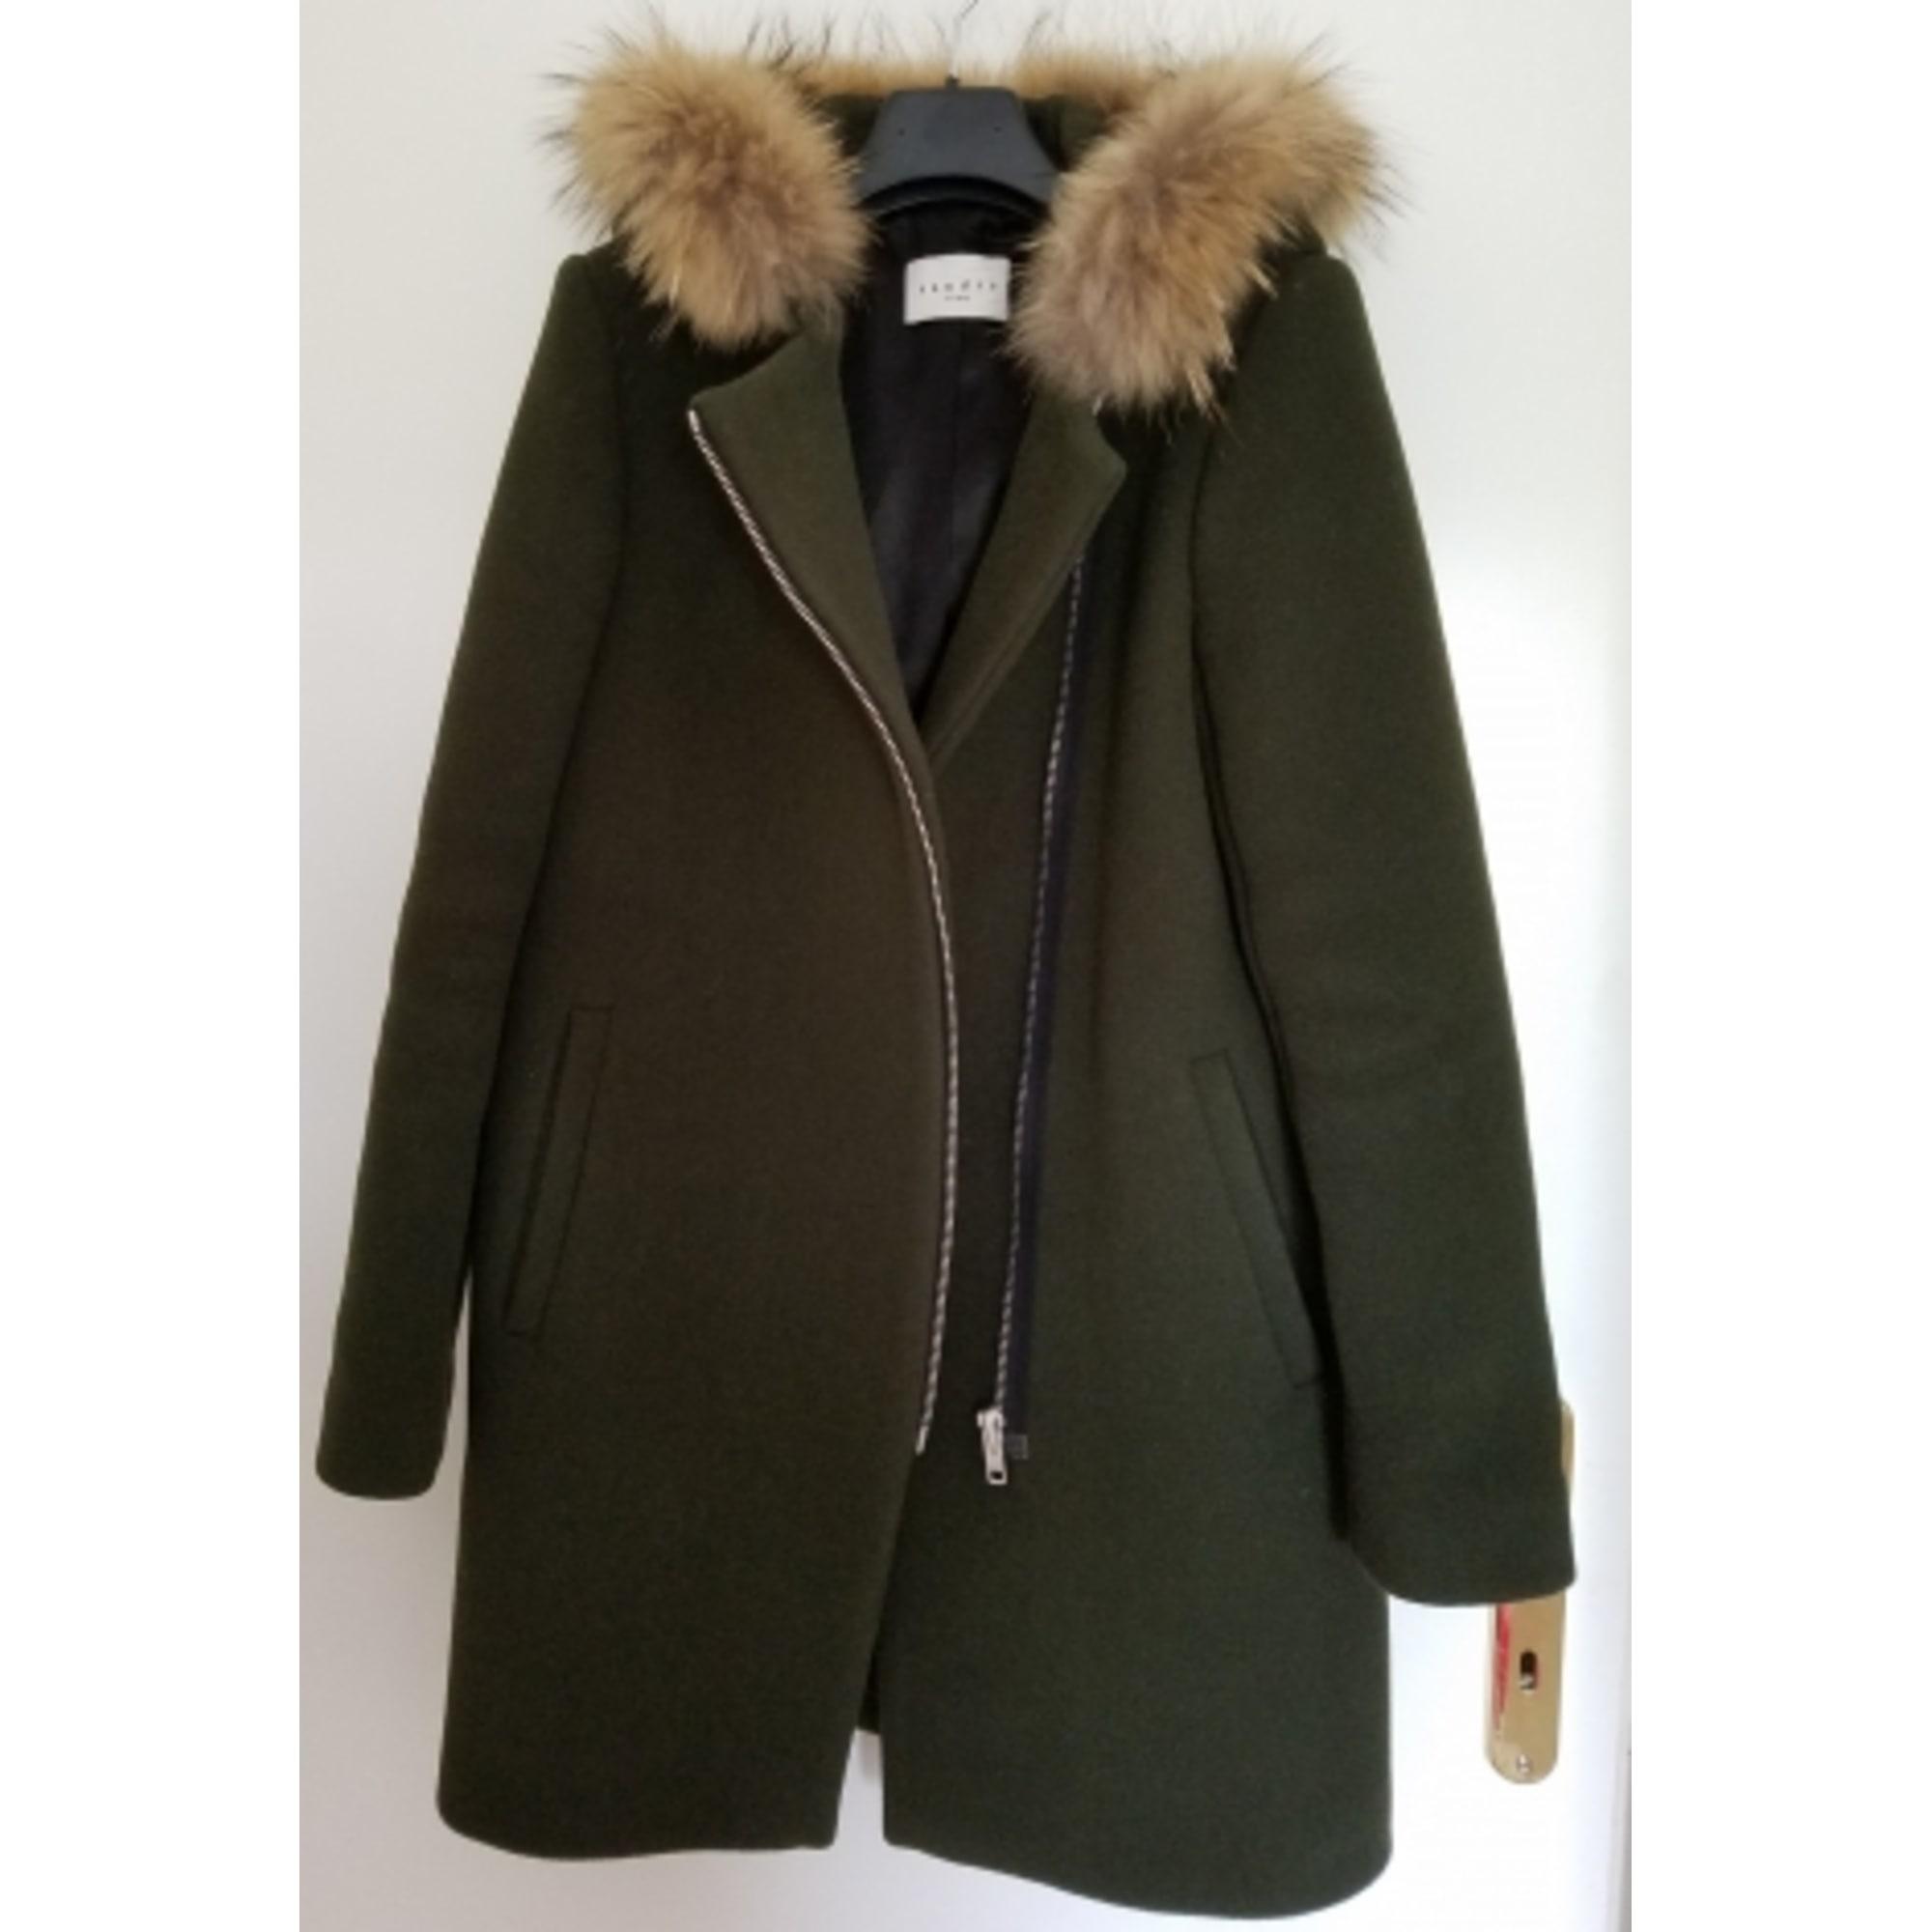 Manteau femme kaki capuche fourrure pas cher